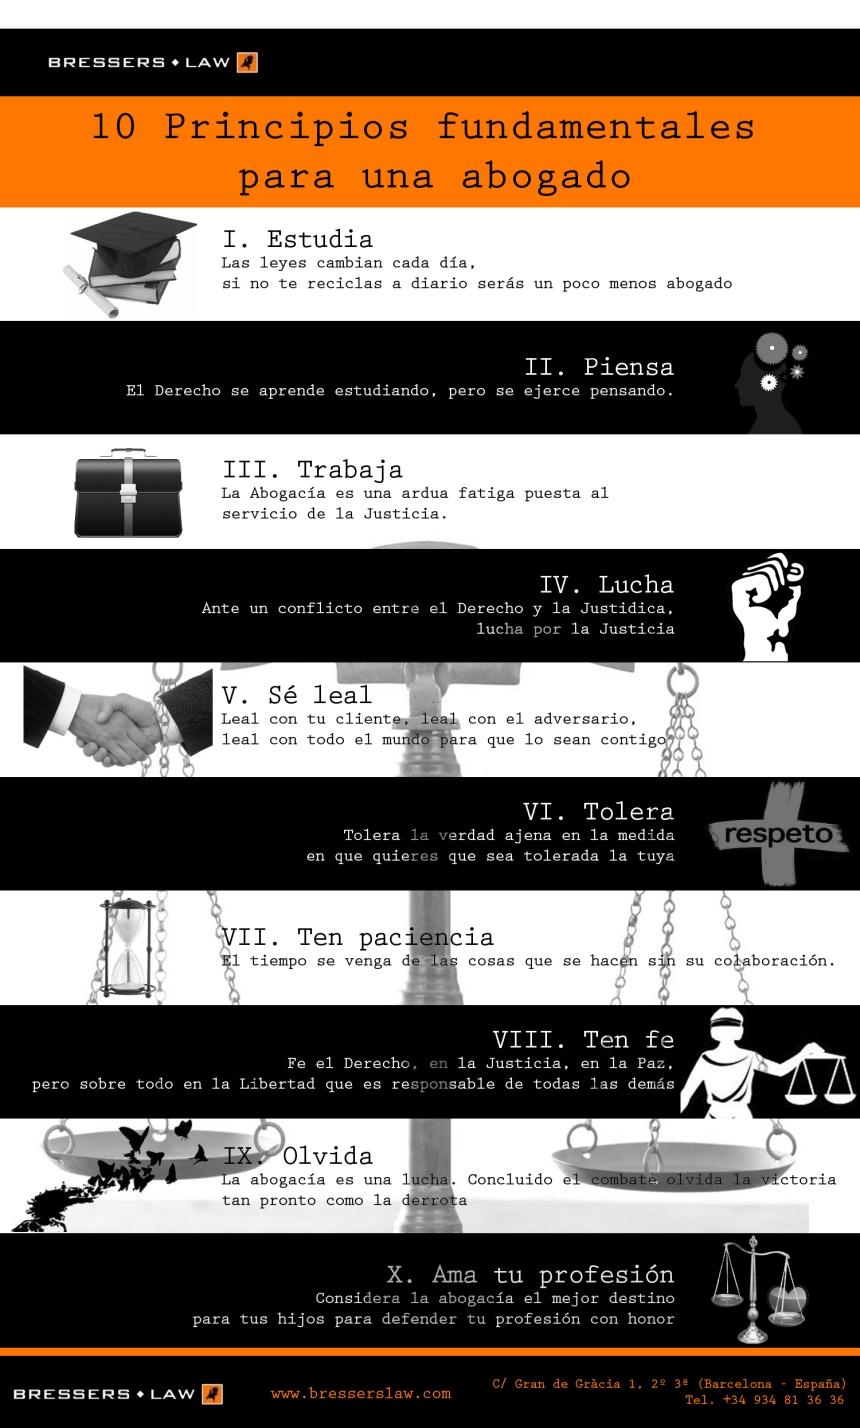 10 principios fundamentales para un abogado